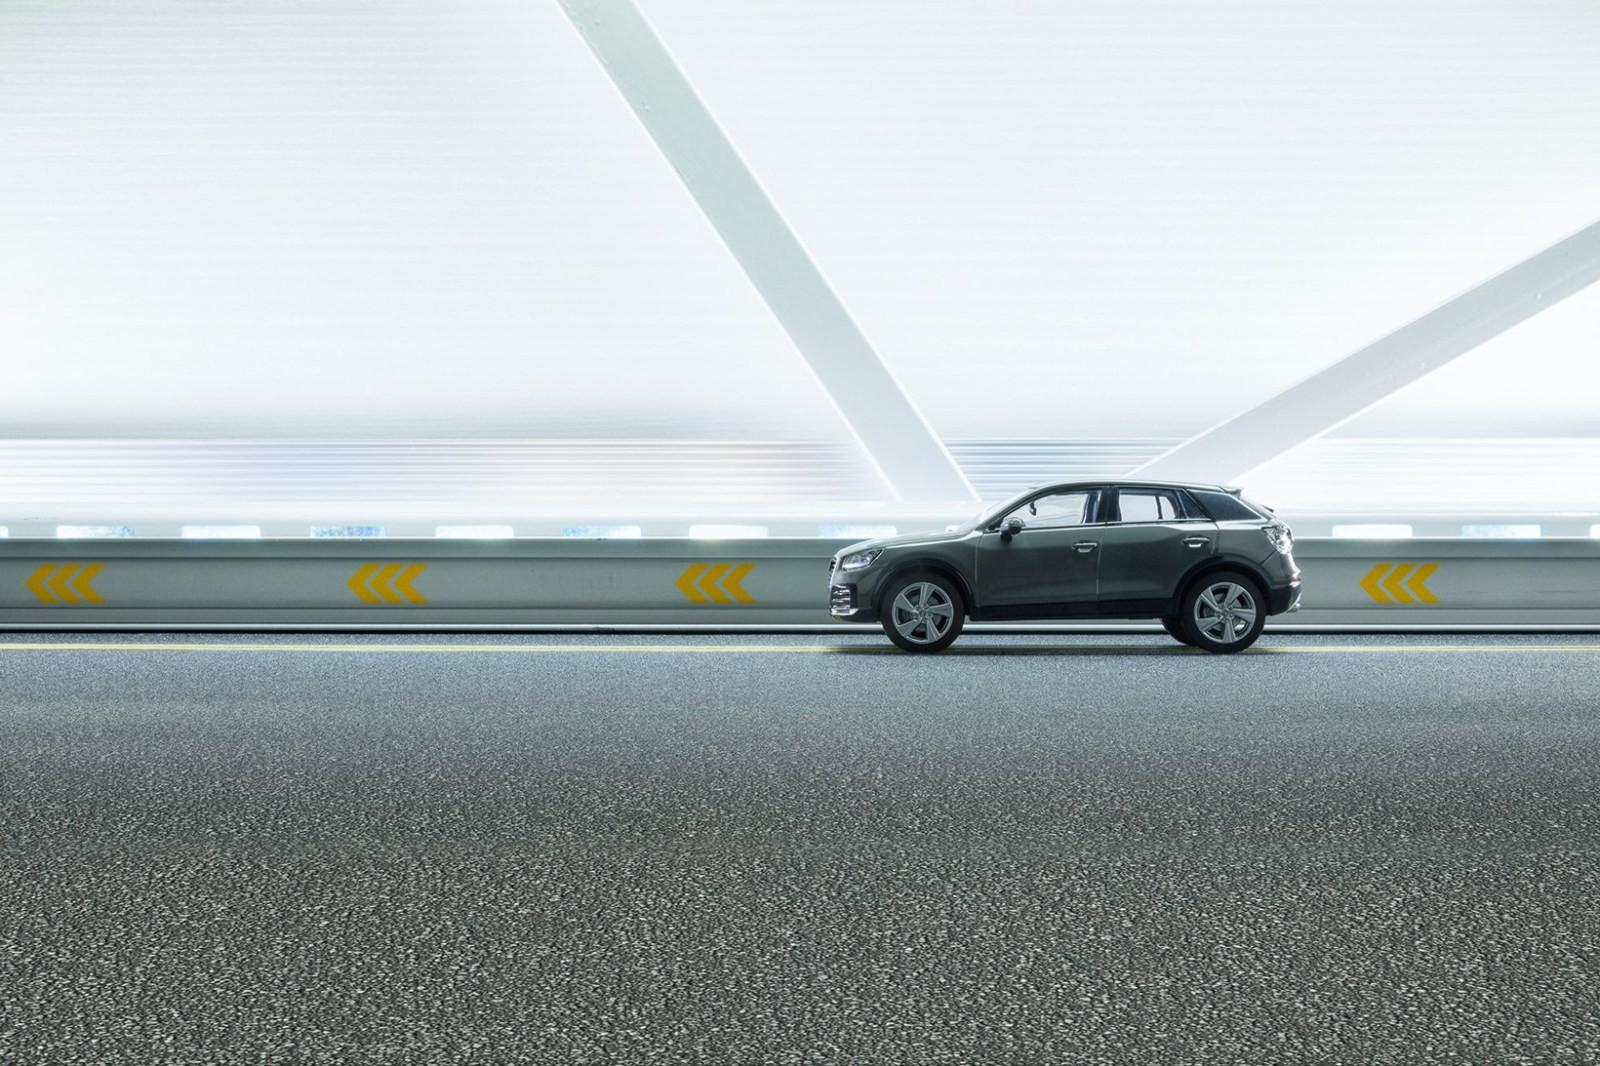 Campanha da Audi com carro em miniatura (Foto: Felix Hernandez/Divulgação)